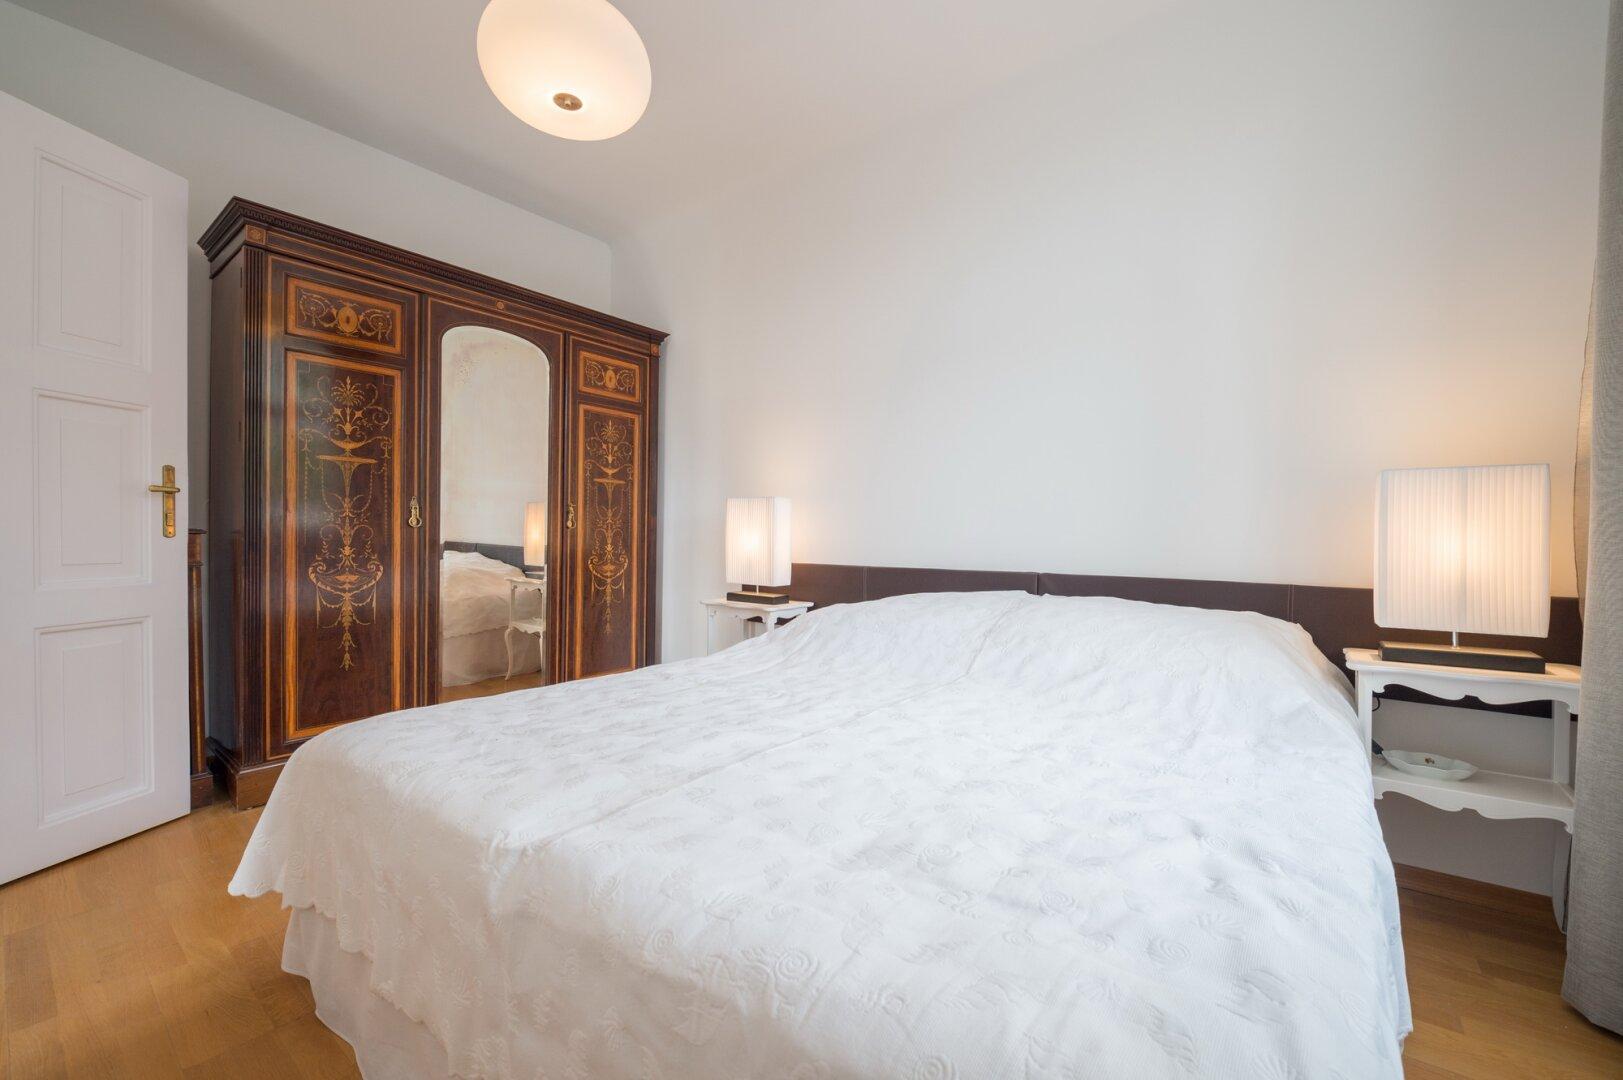 Bett mit Barock-Schrank